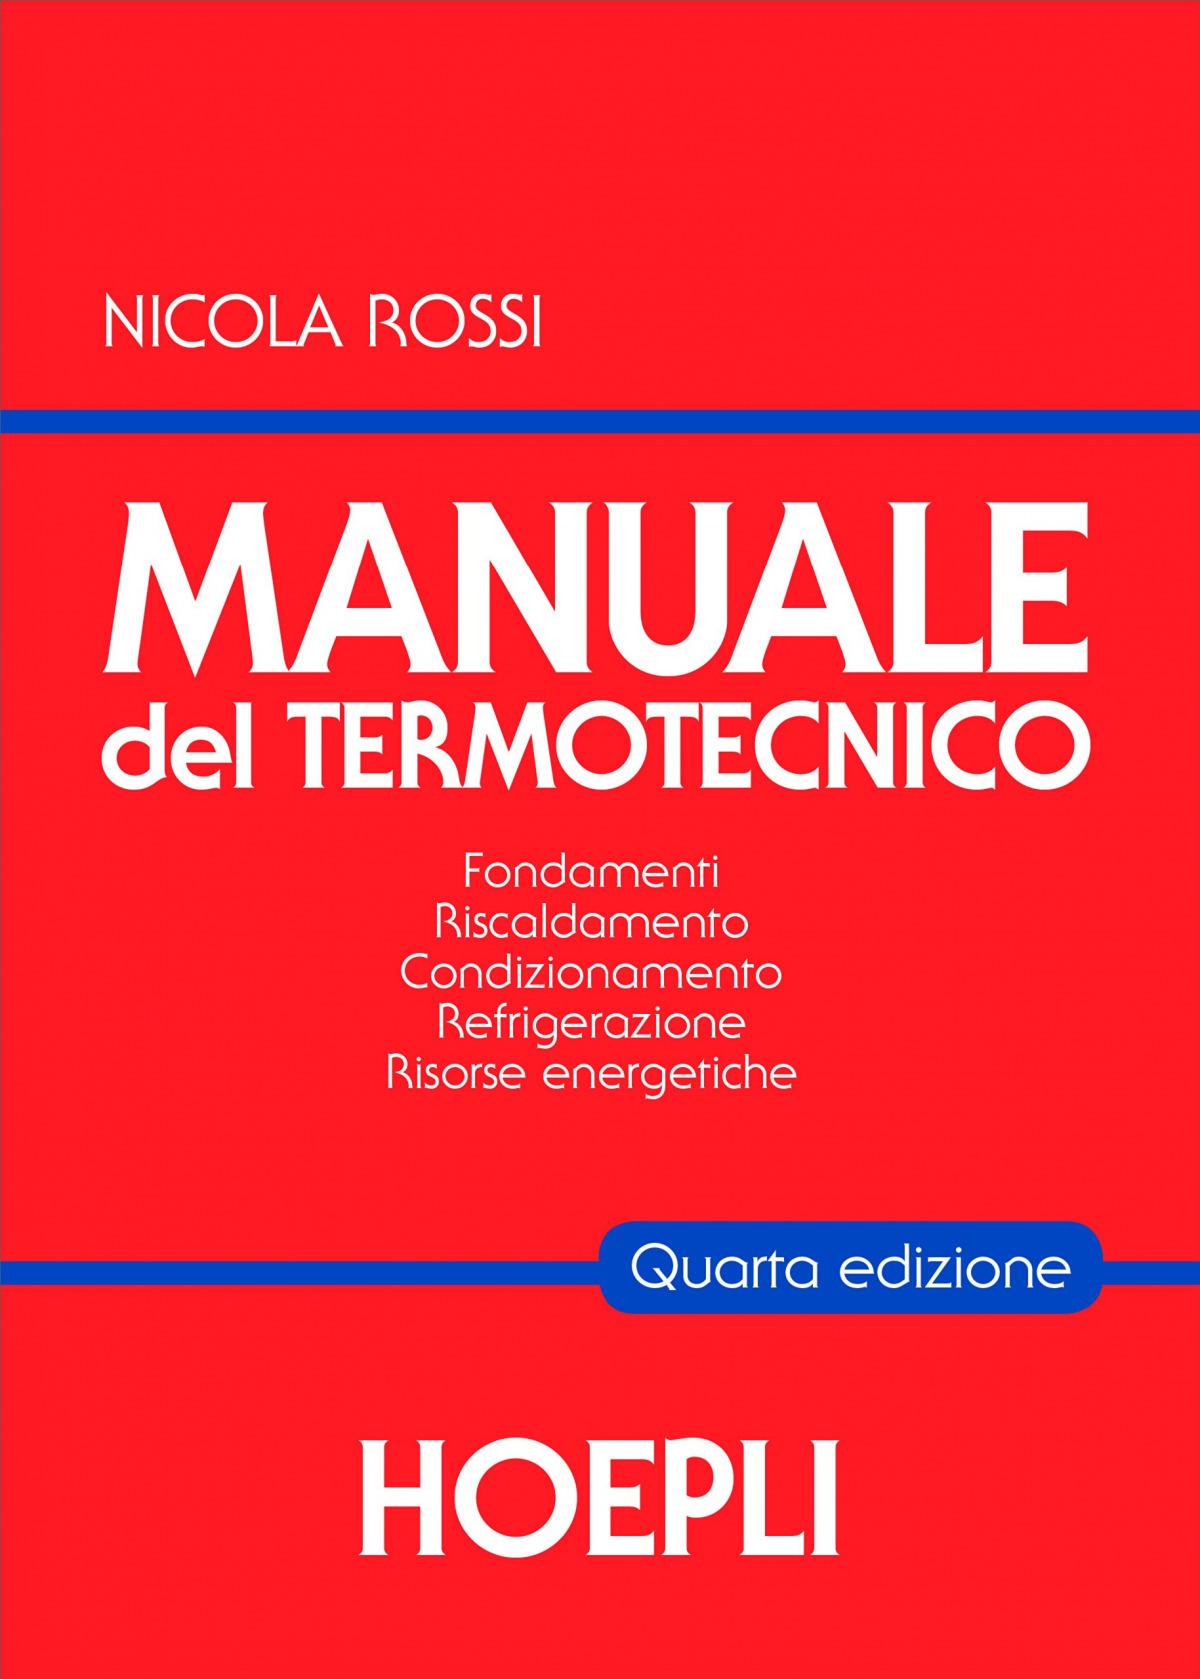 Manuale del termotecnico 9788820359713